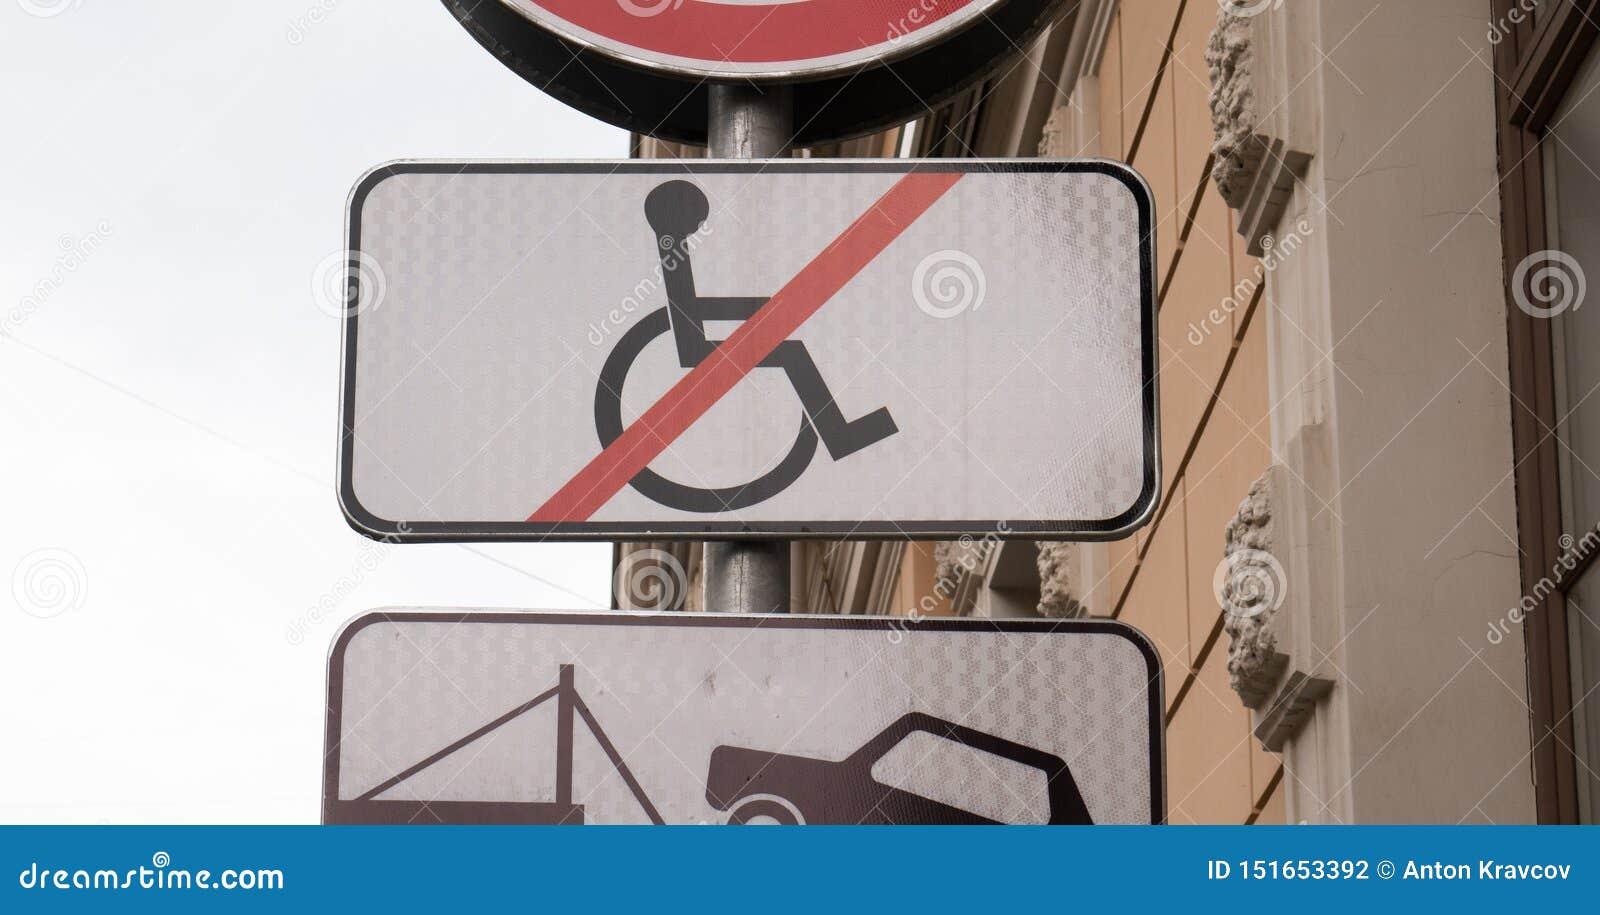 Niepełnosprawny parking znak, żadny wózek inwalidzki krzyżował za